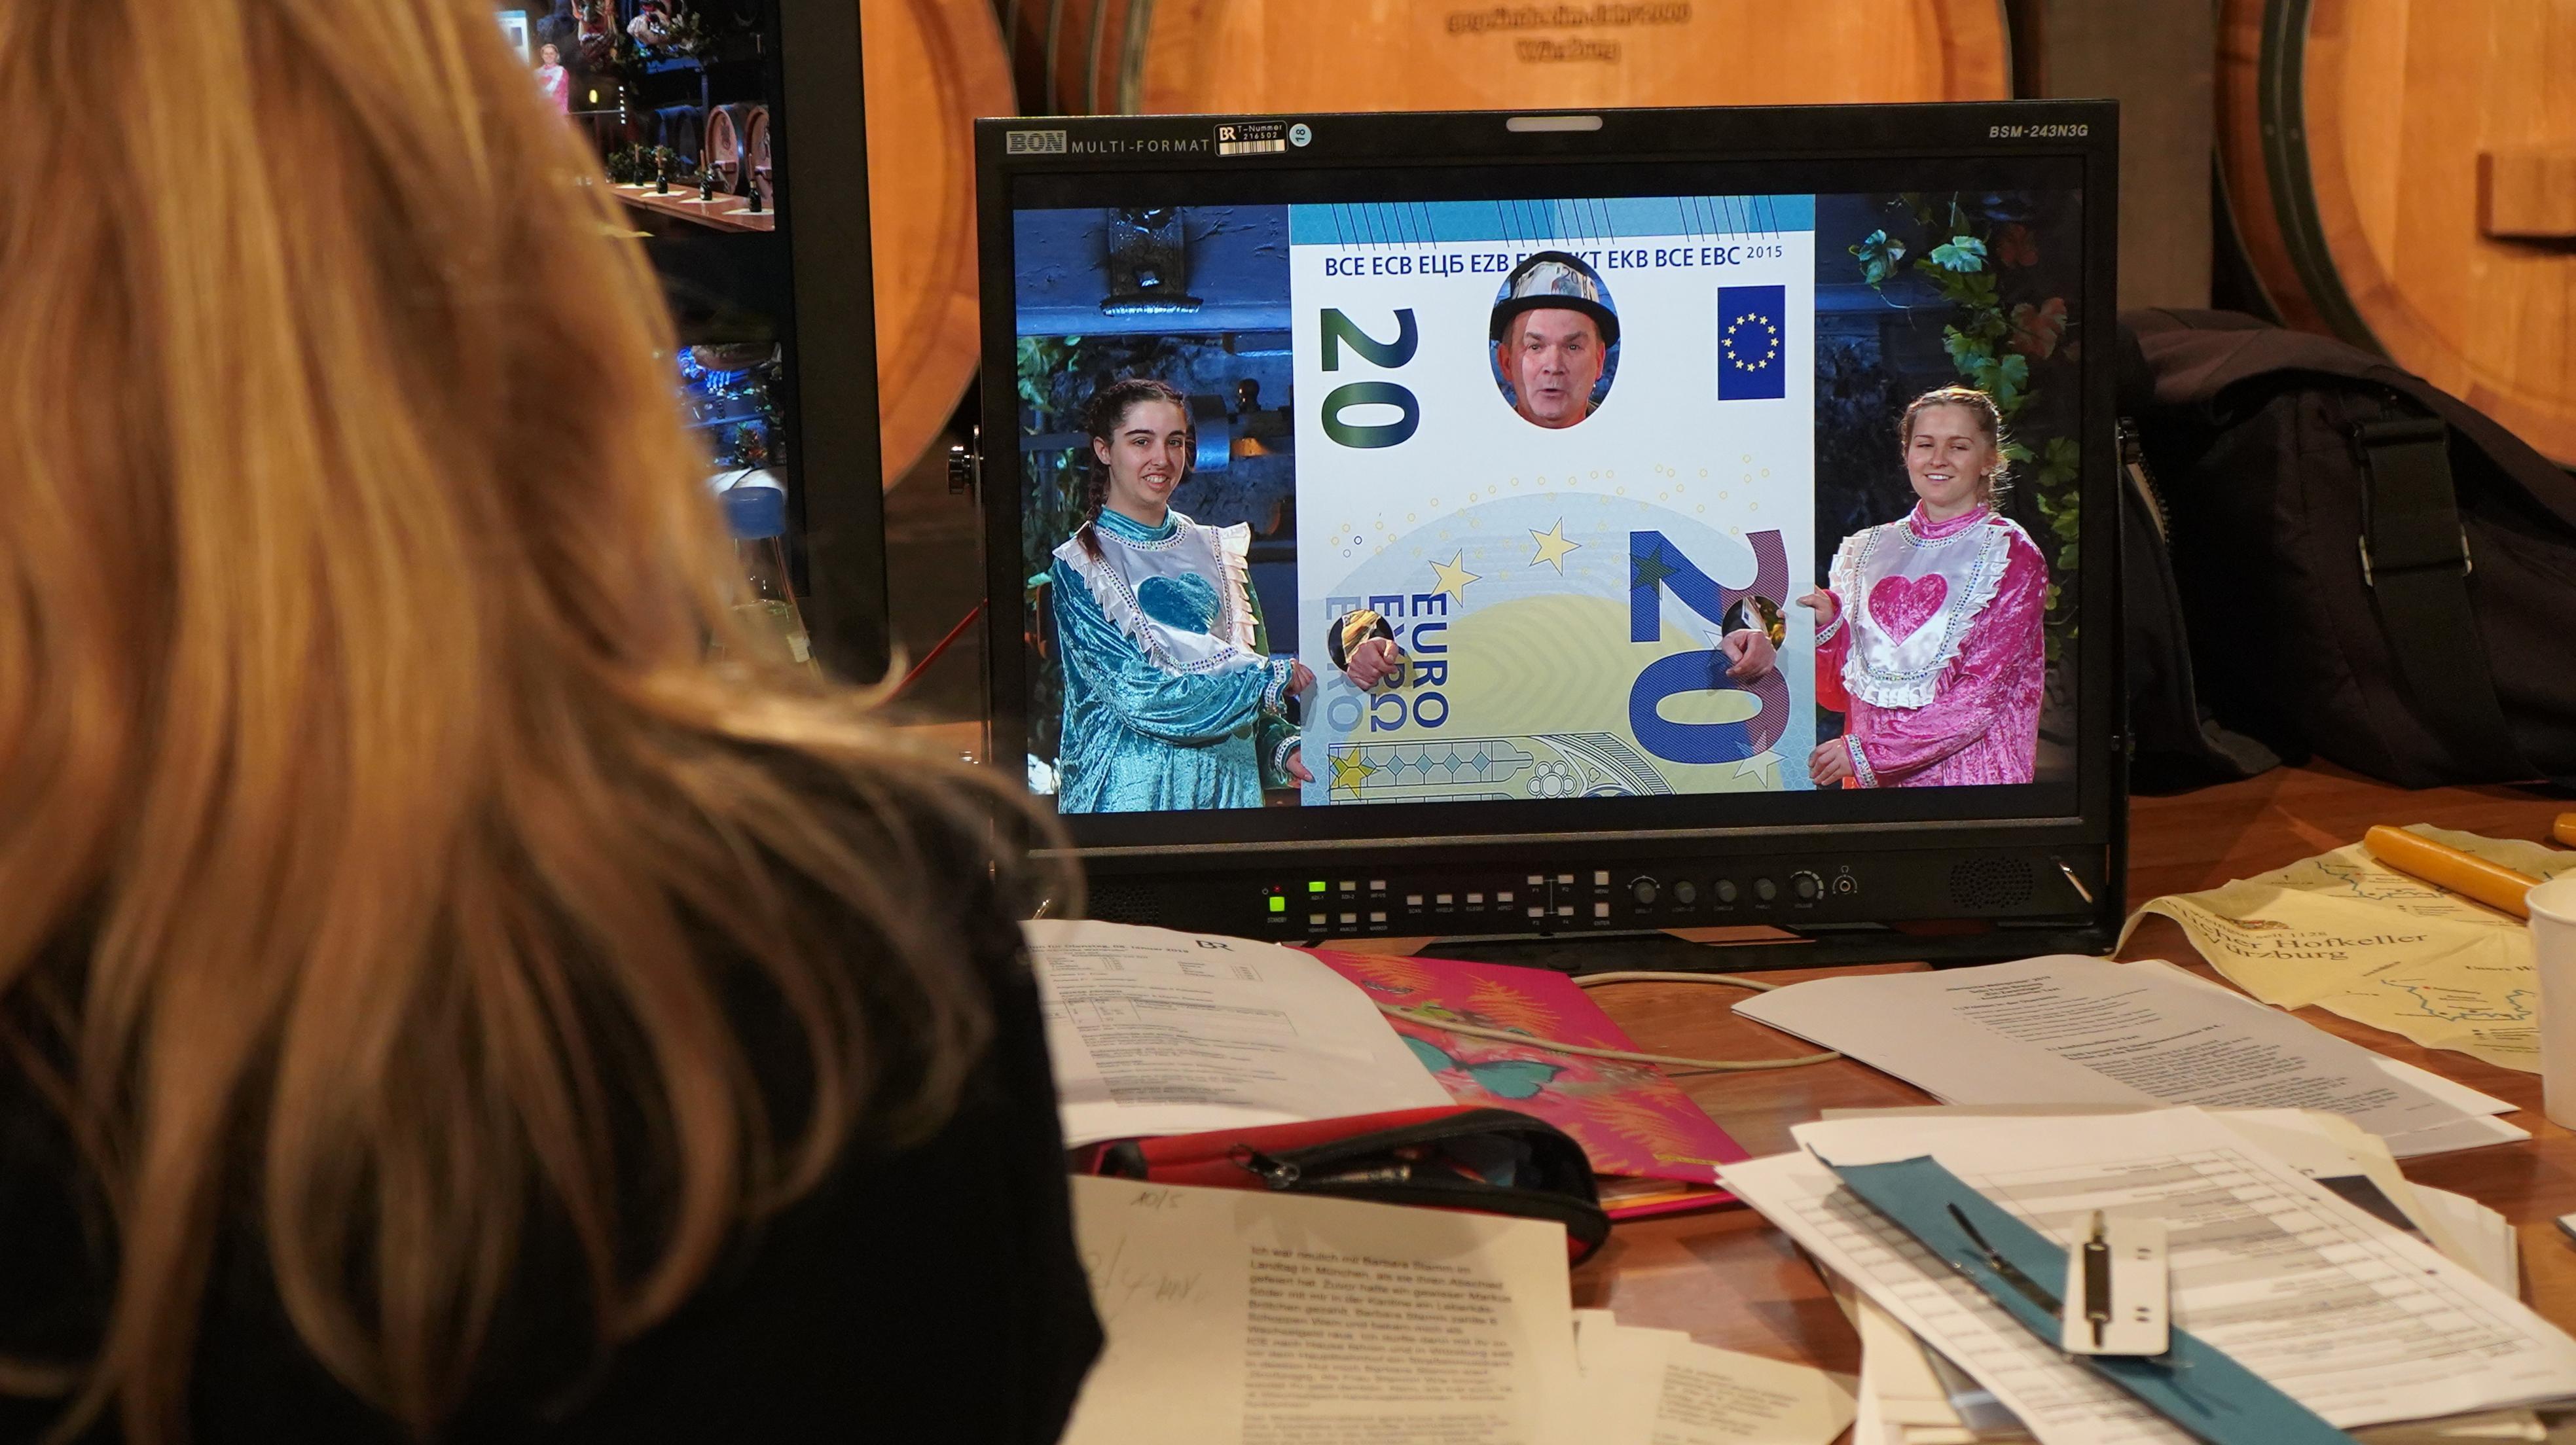 Ein Fernsehbildschirm